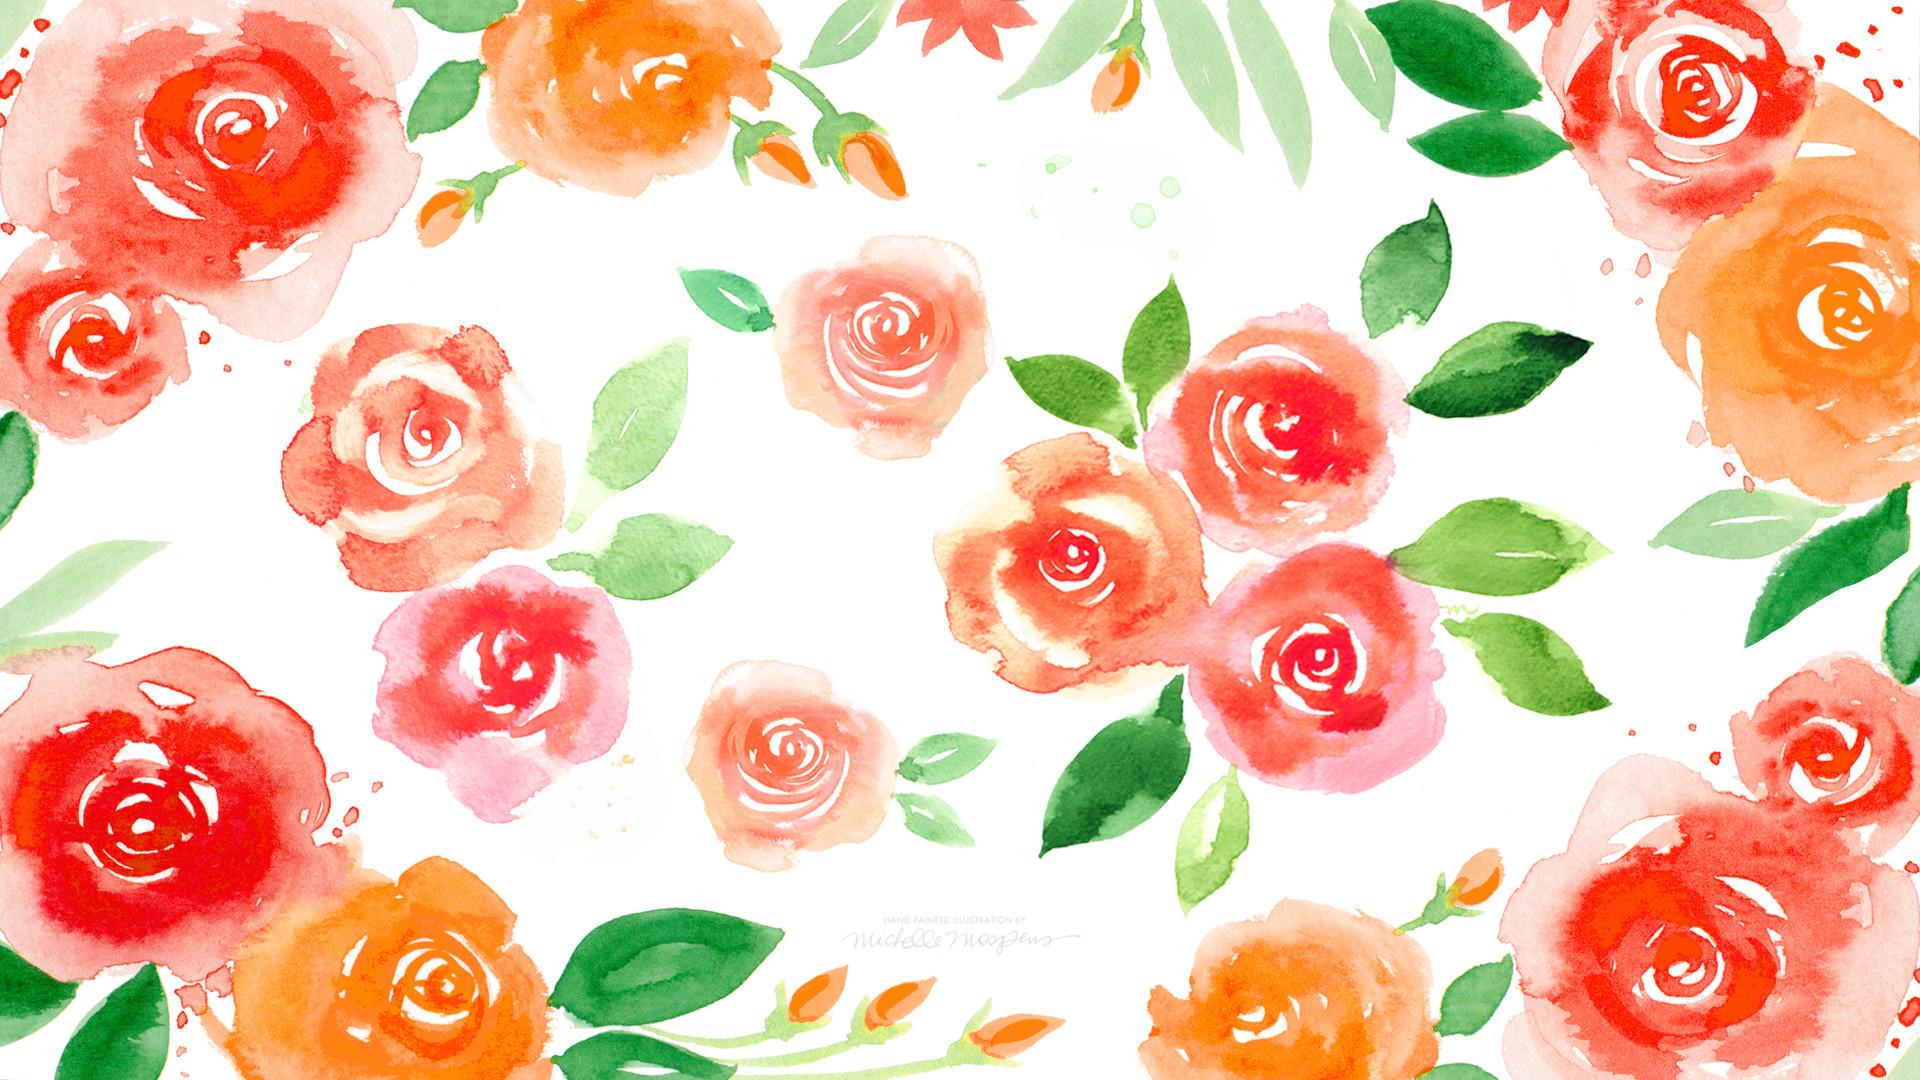 … abstract flowers wallpapers group 79; october watercolor calendar  desktop download mospens studio …